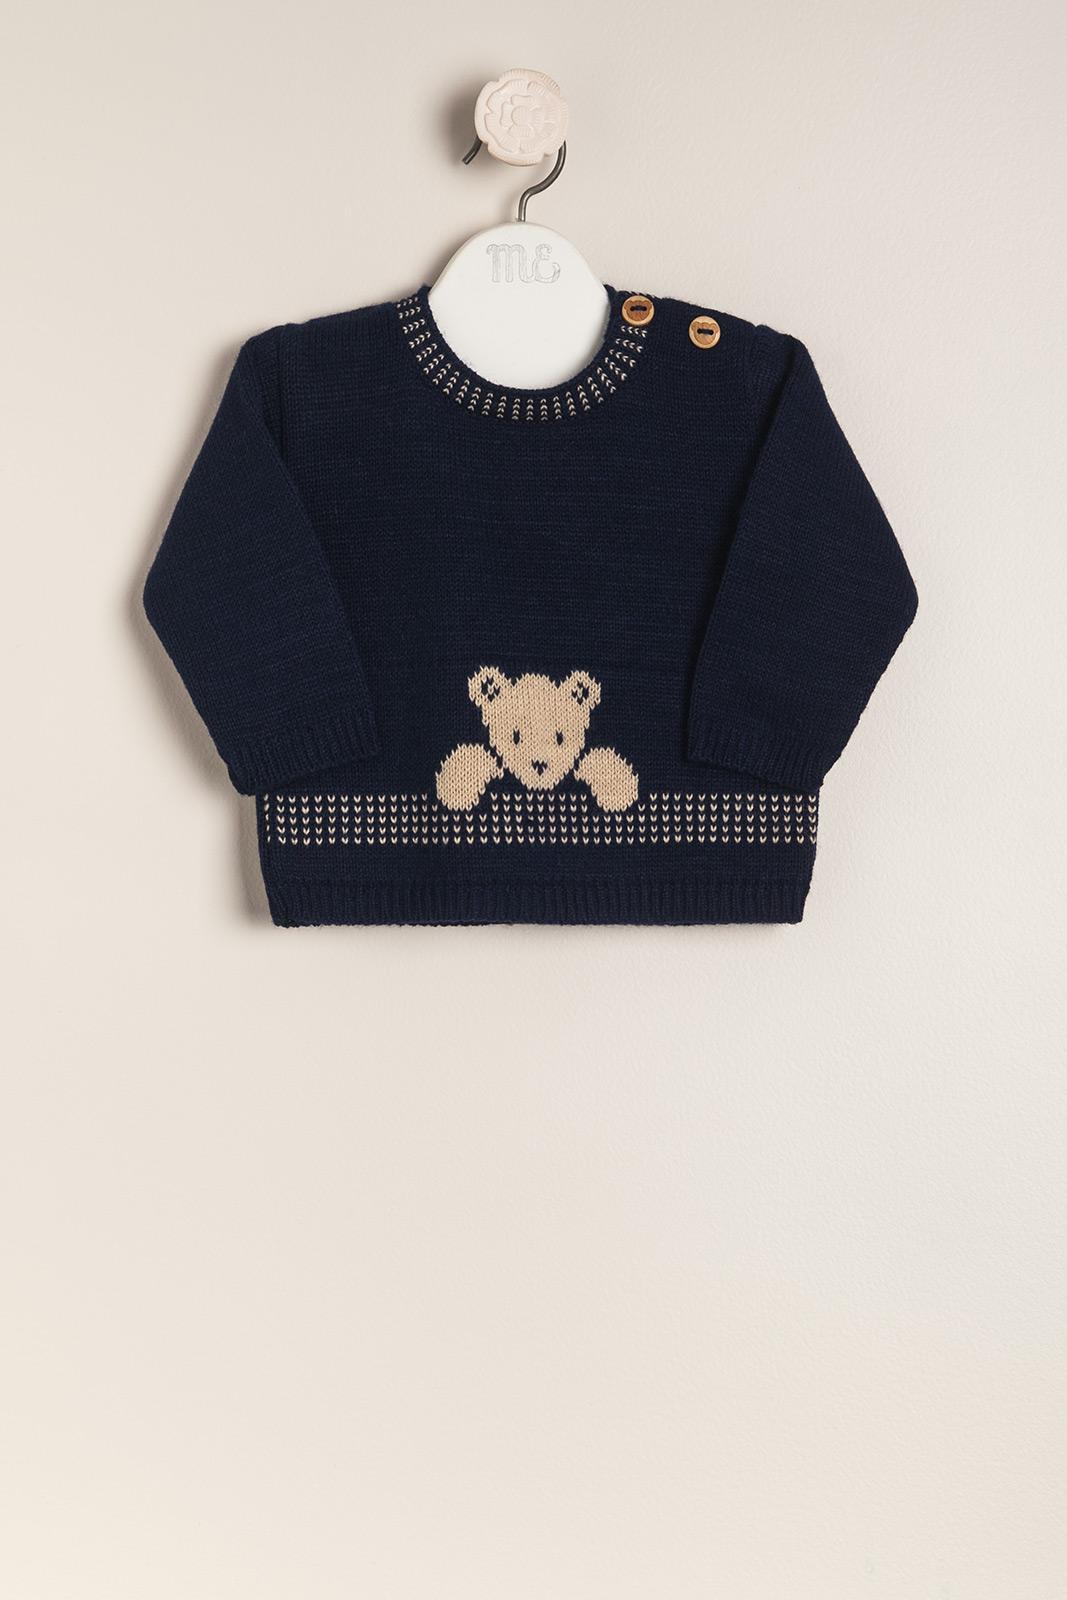 Sweater con osito baby teddy